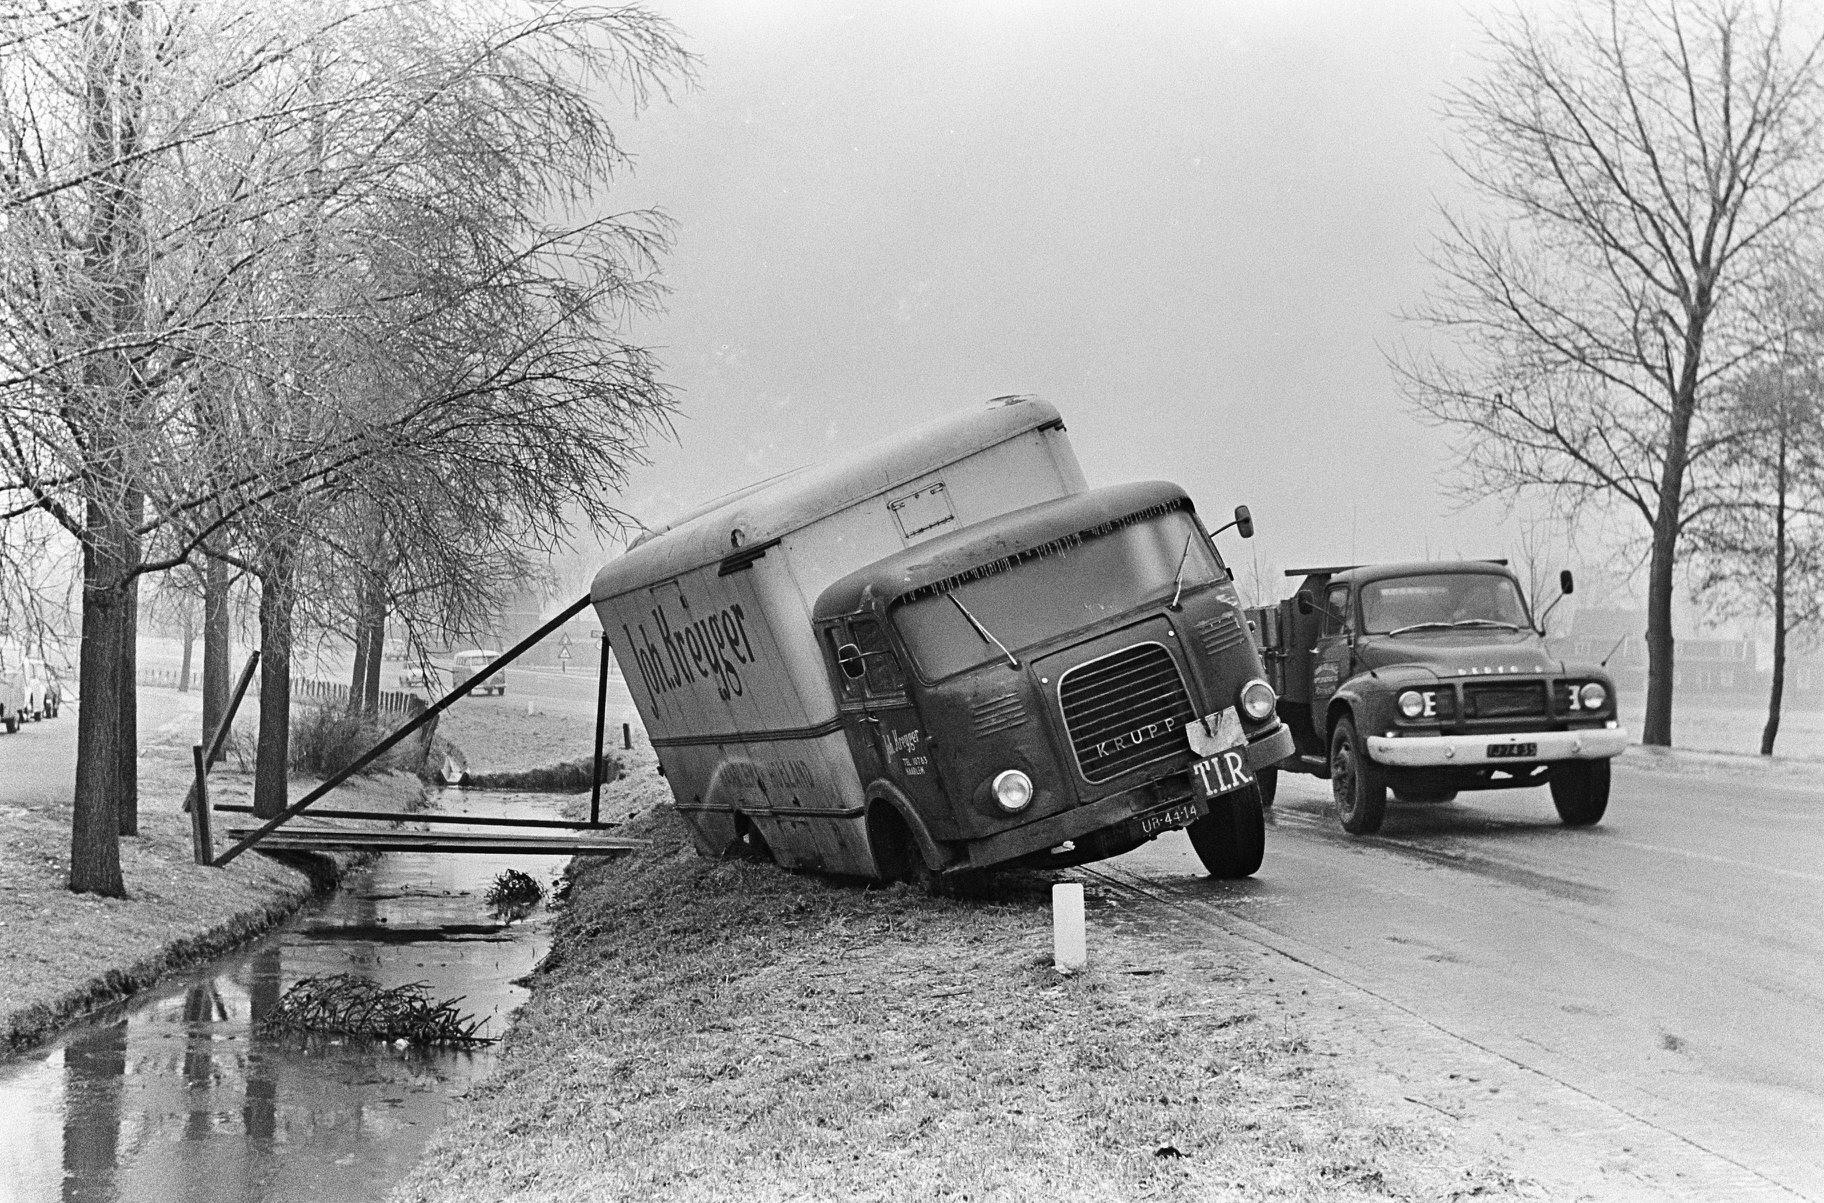 Krupp-uit-gegleden--in-de-ijzel-Bert-Klanderman-foto